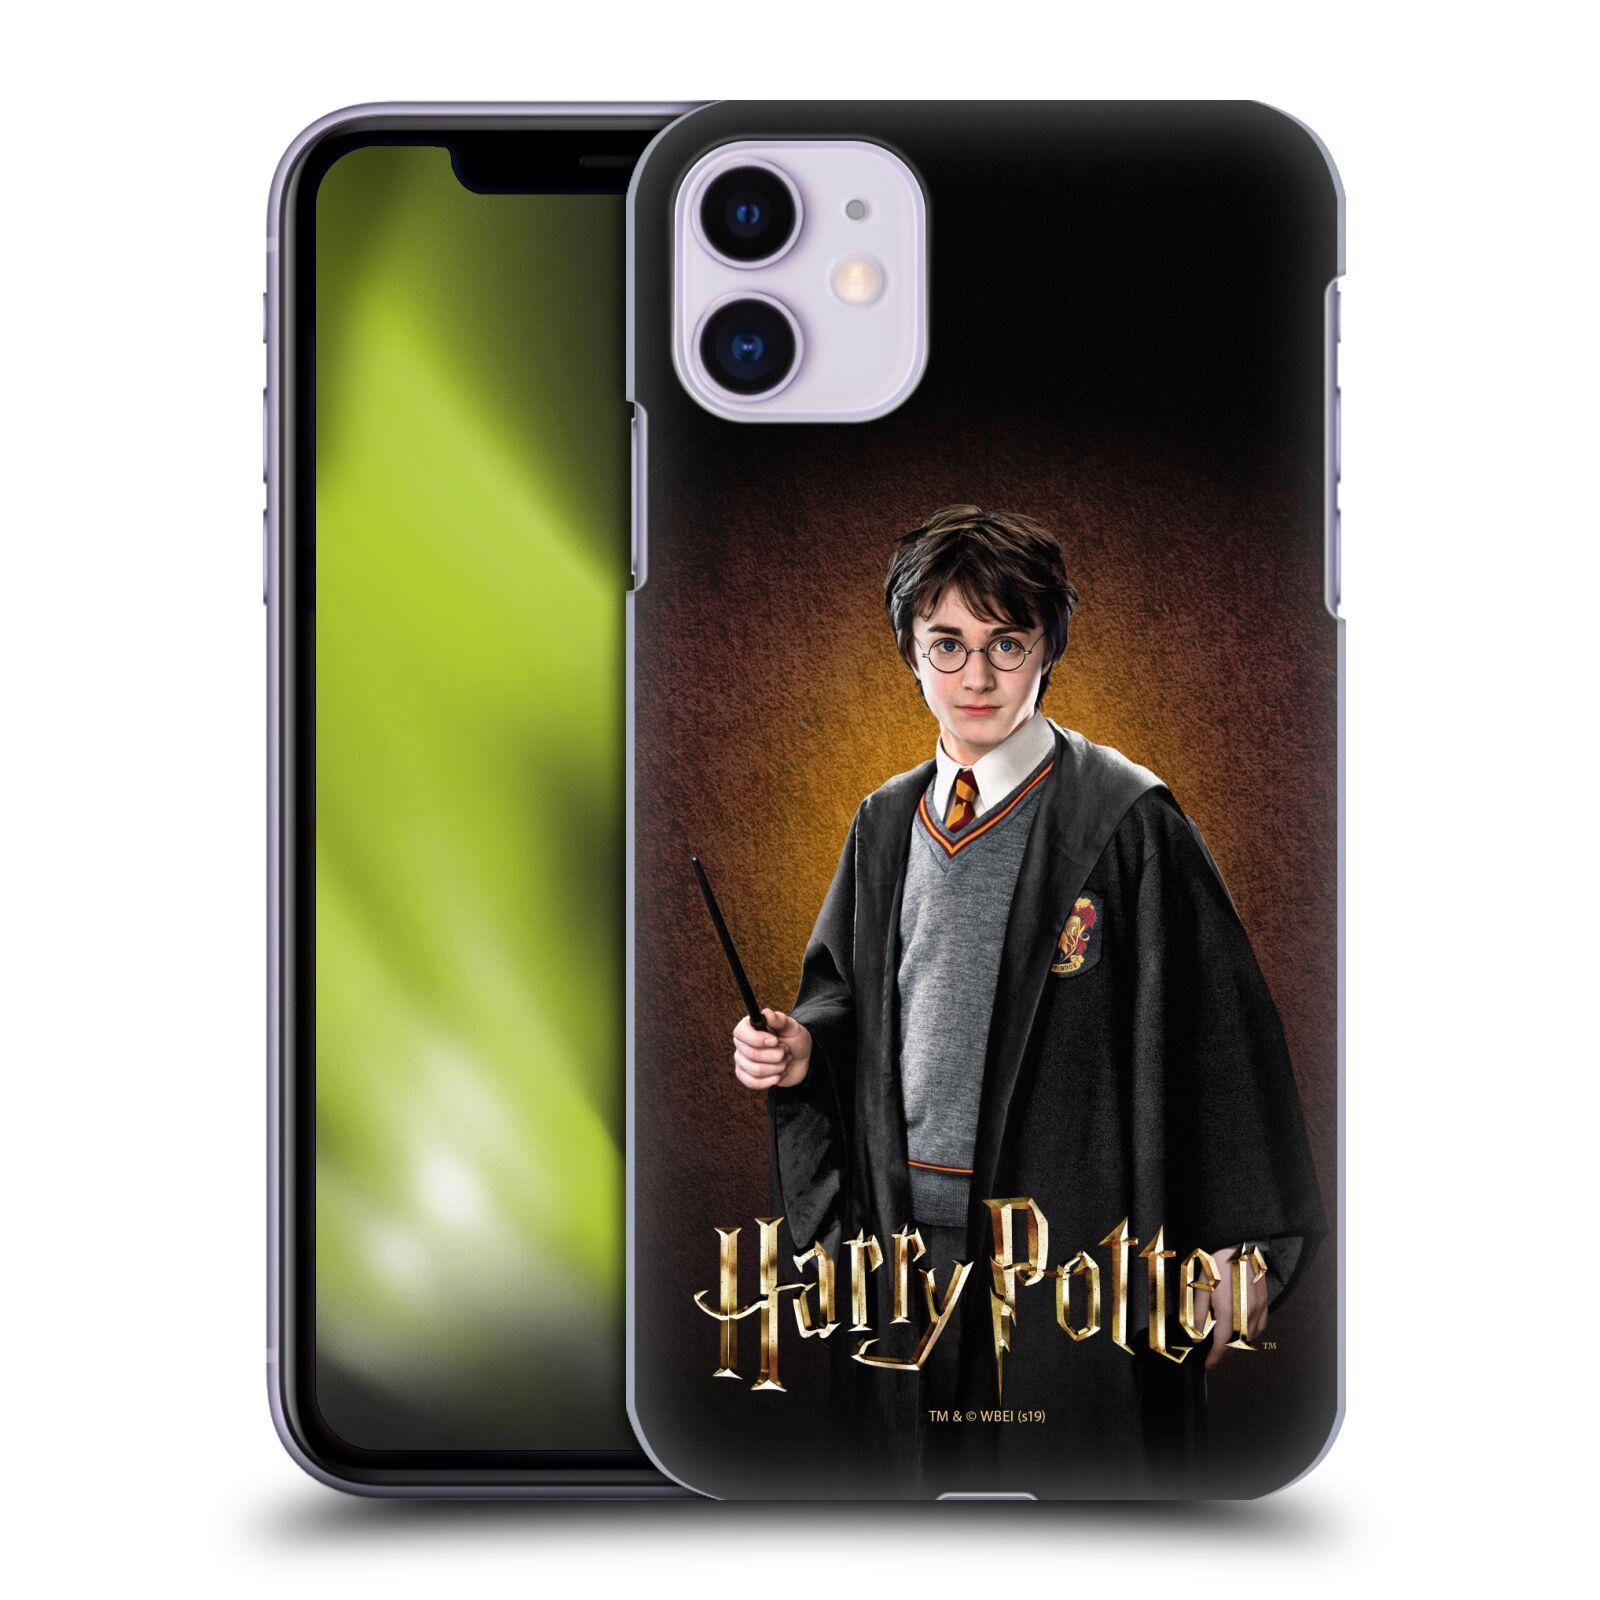 Plastové pouzdro na mobil Apple iPhone 11 - Harry Potter - Malý Harry Potter